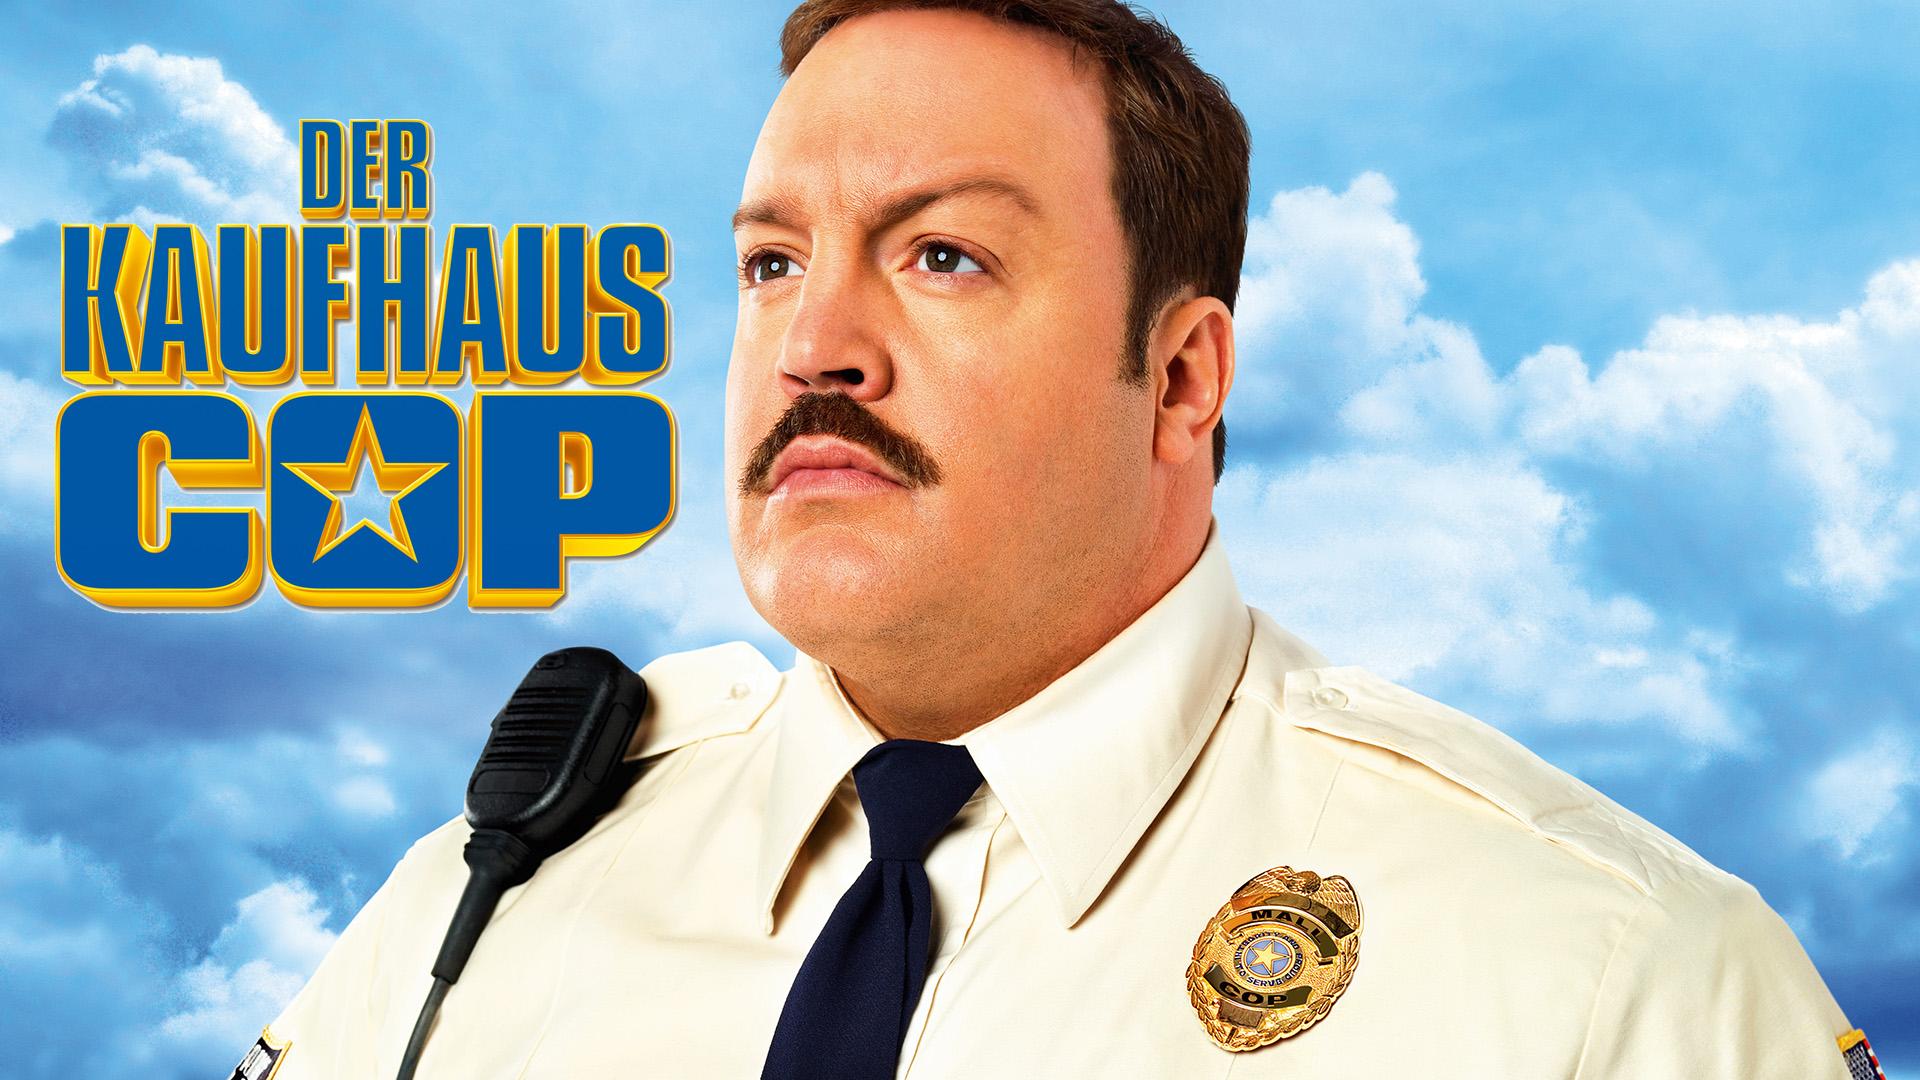 Kaufhaus Cop